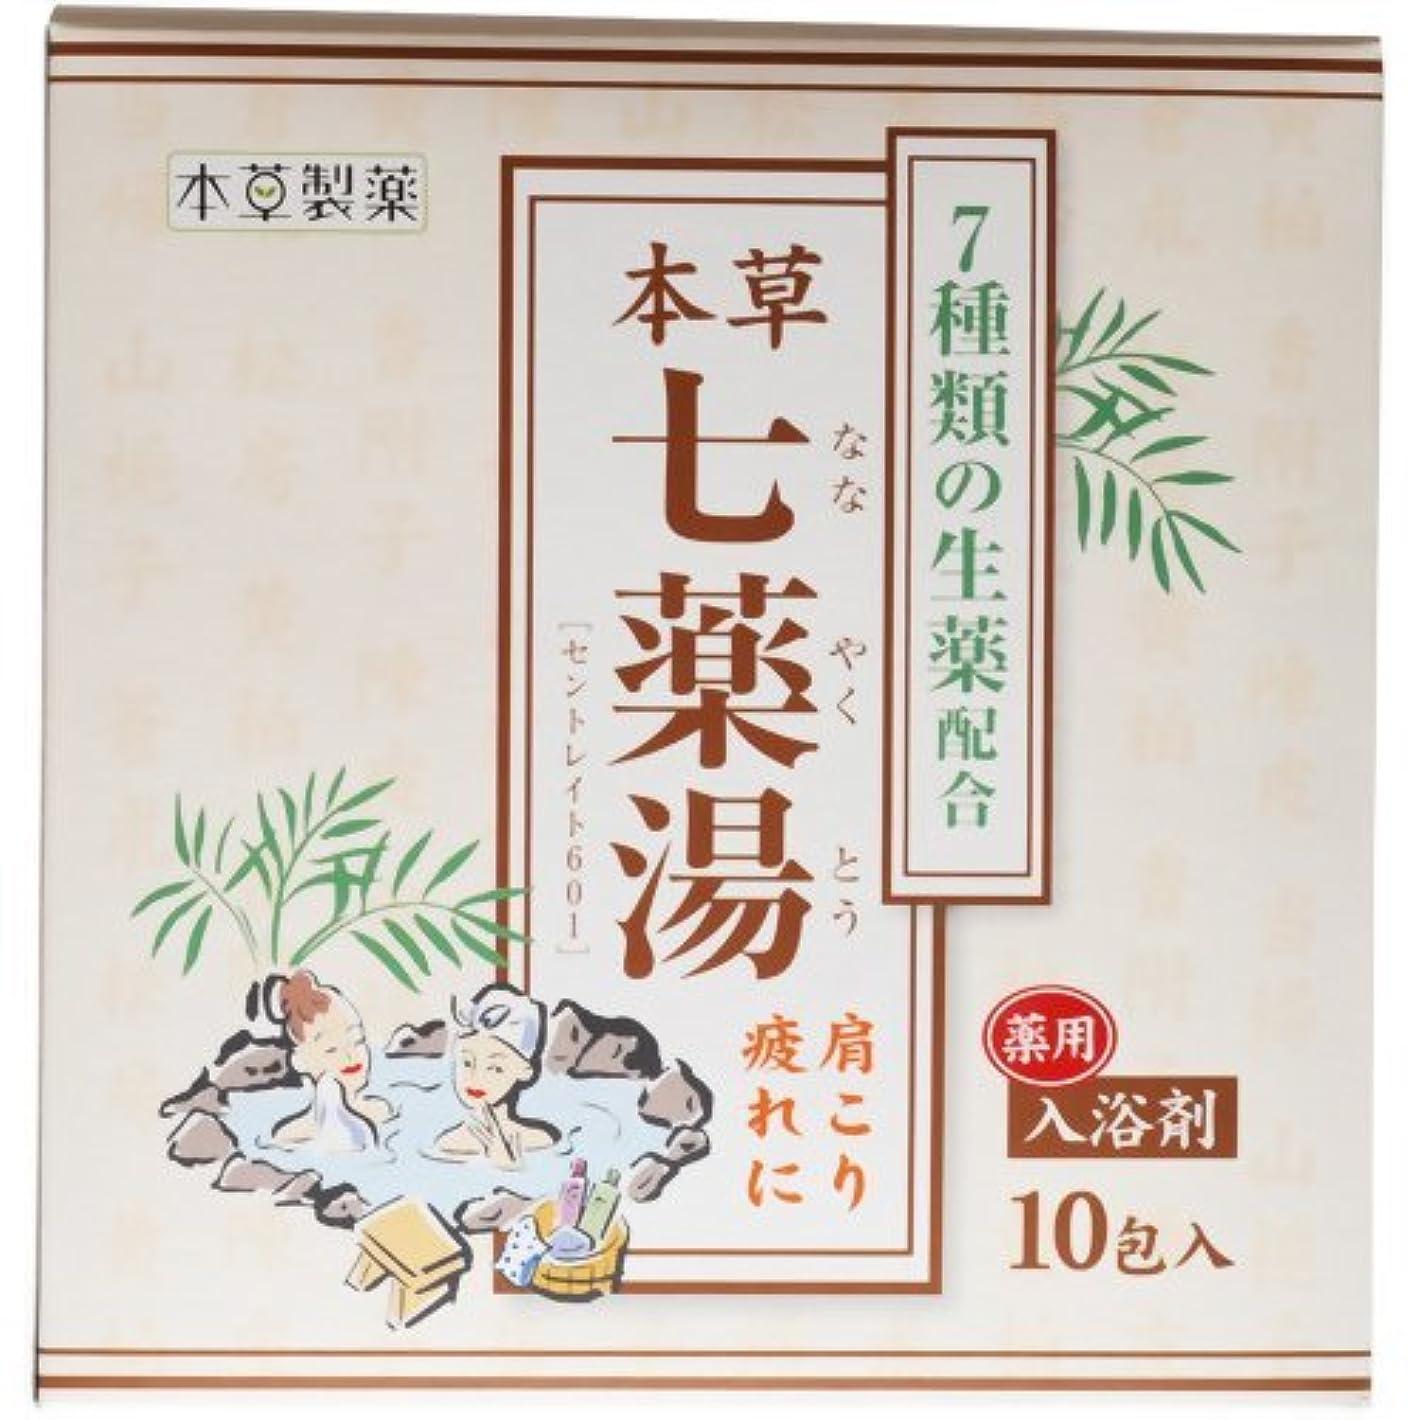 間違い定期的なリビングルーム本草 七薬湯